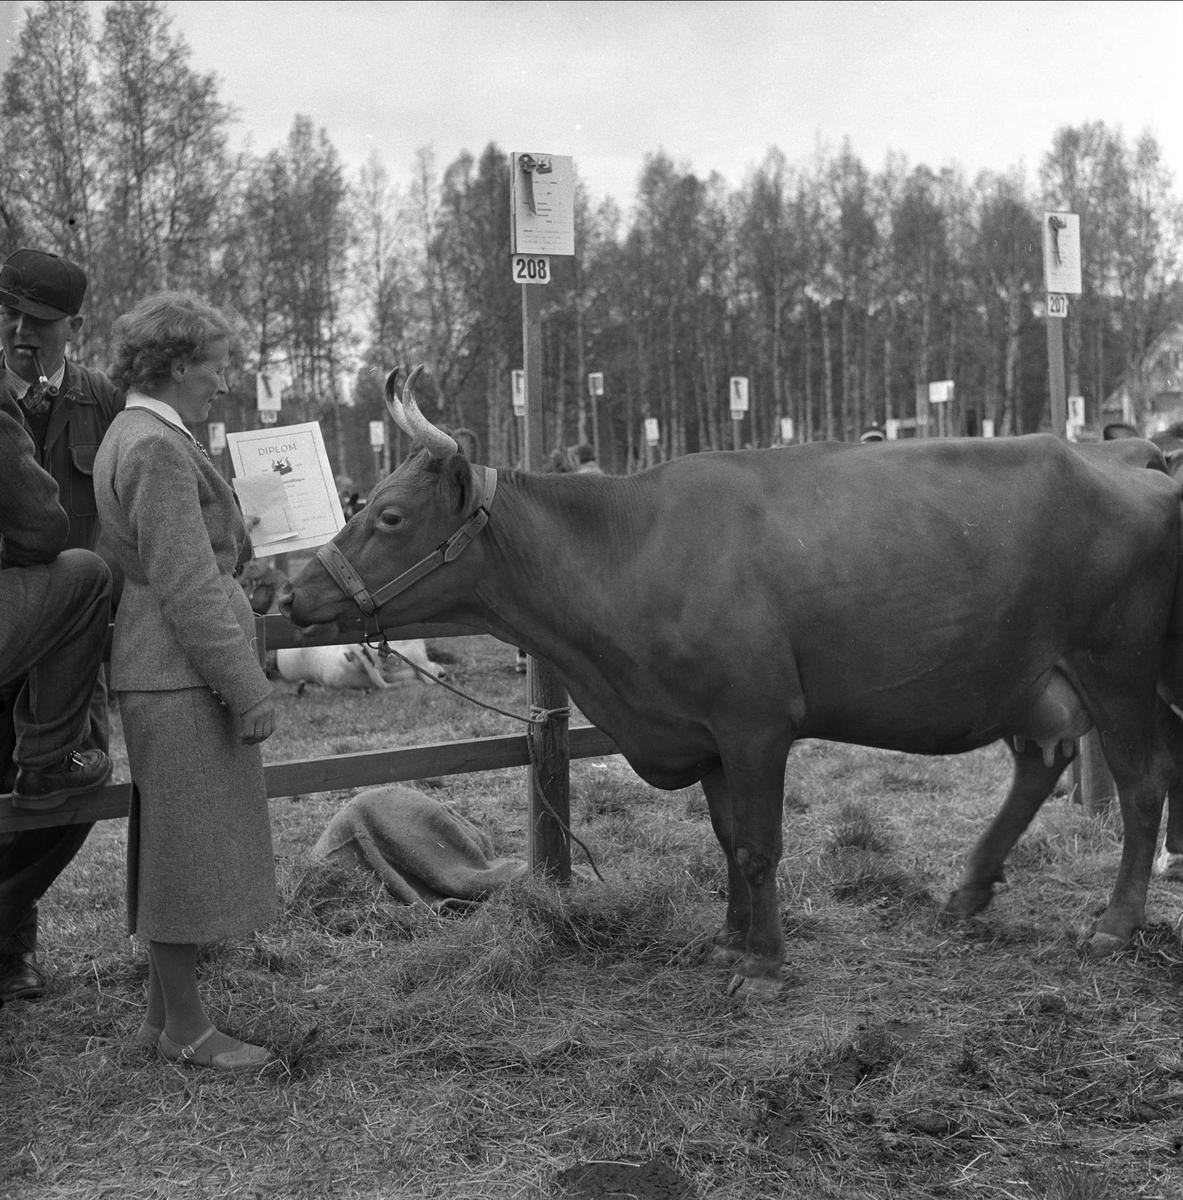 Tolga, Hedmark, 14.08.1958. Fesjå. Bedømming av ku.